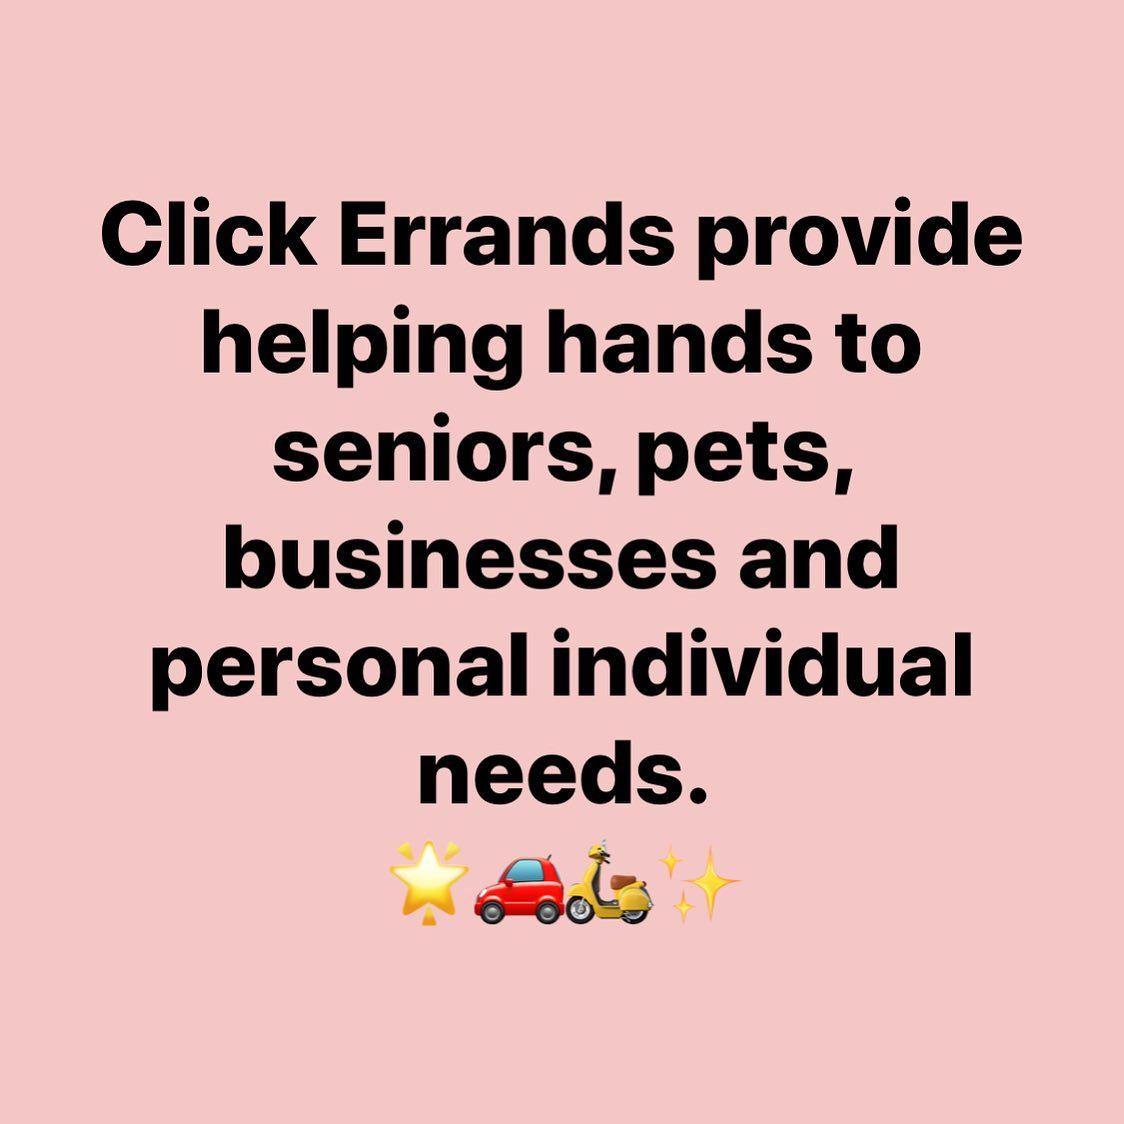 Click Errands